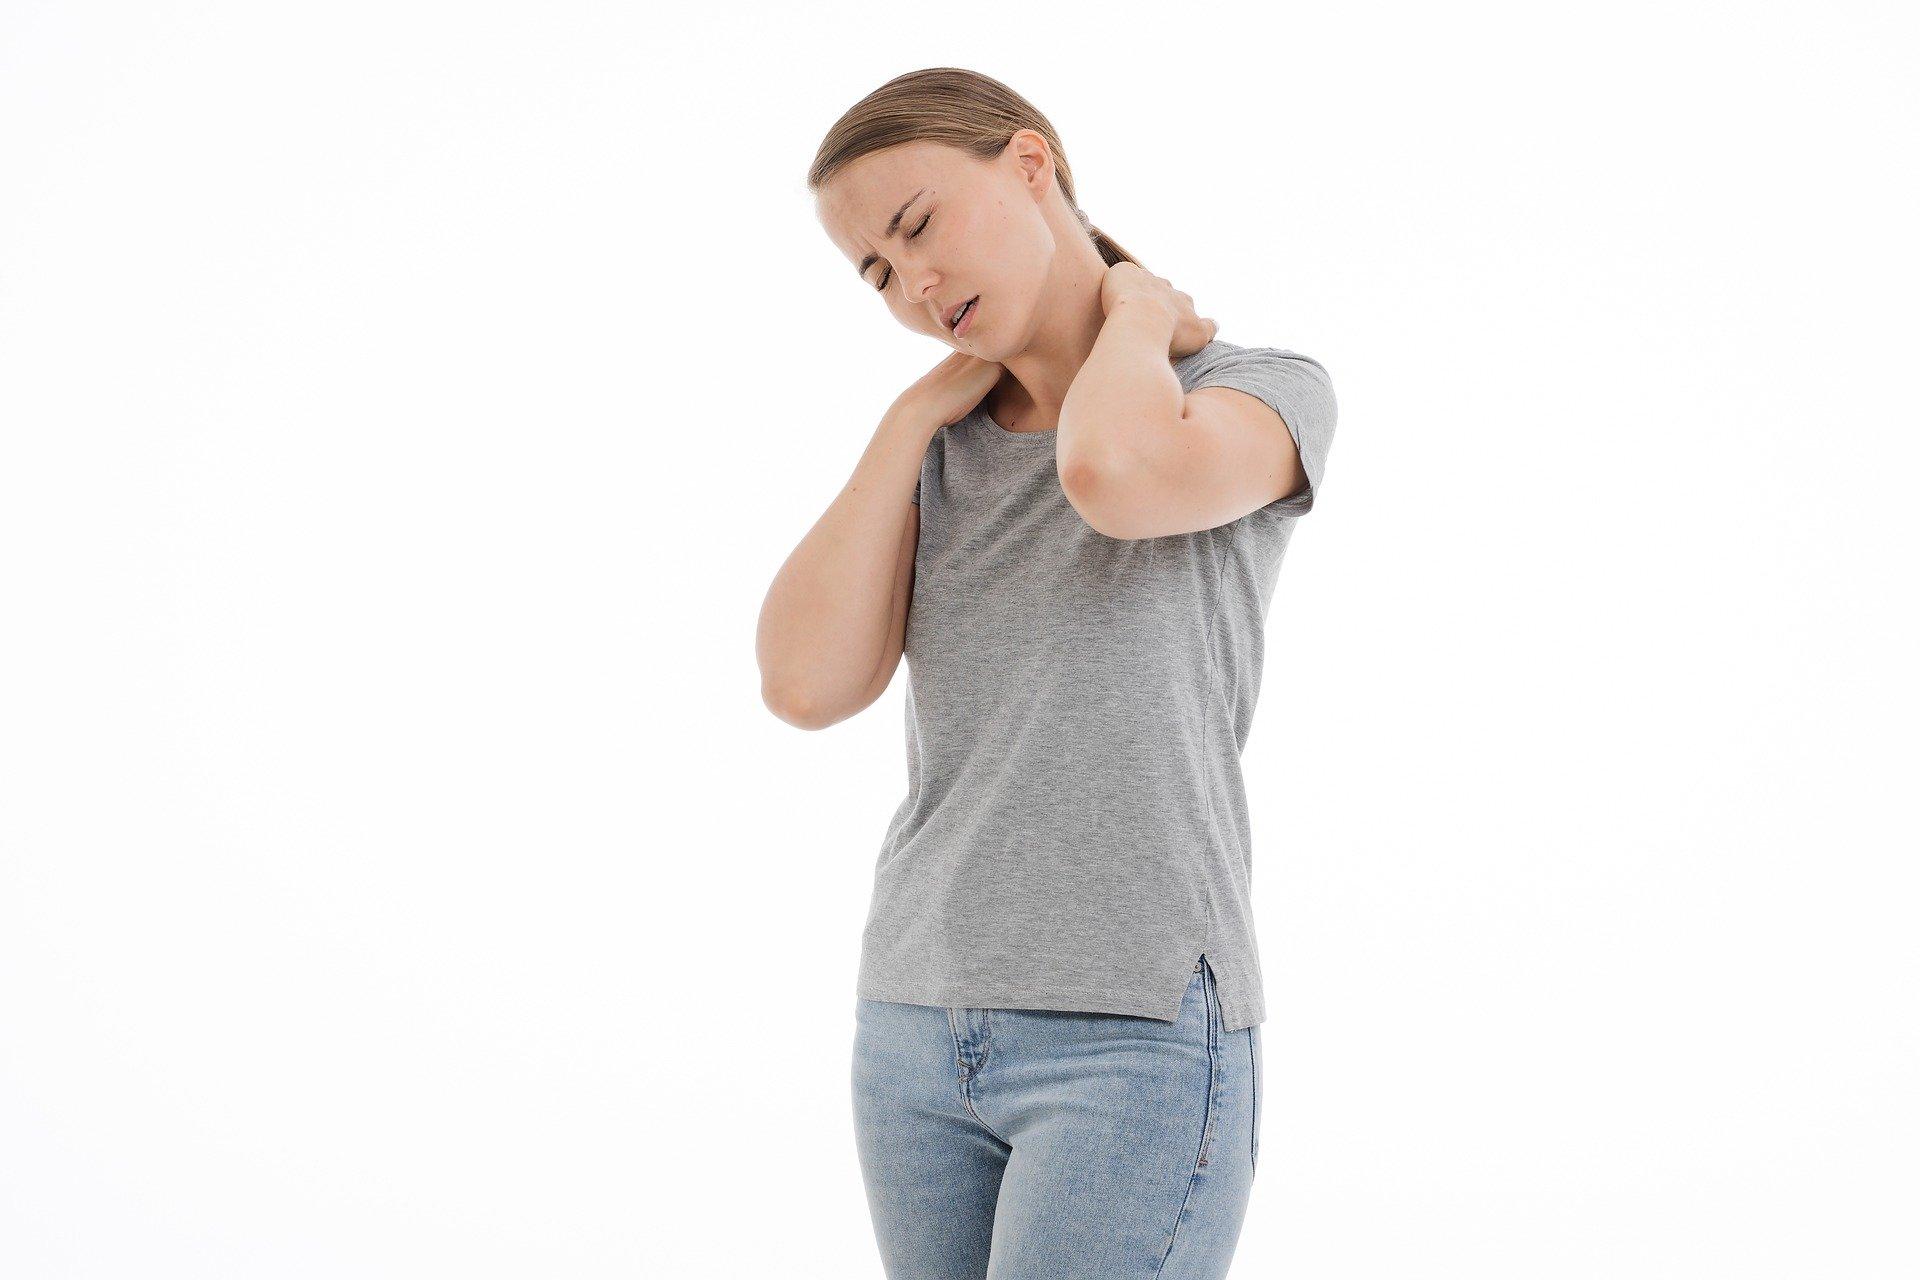 Ejercicios para mitigar el dolor de la cervicalgia